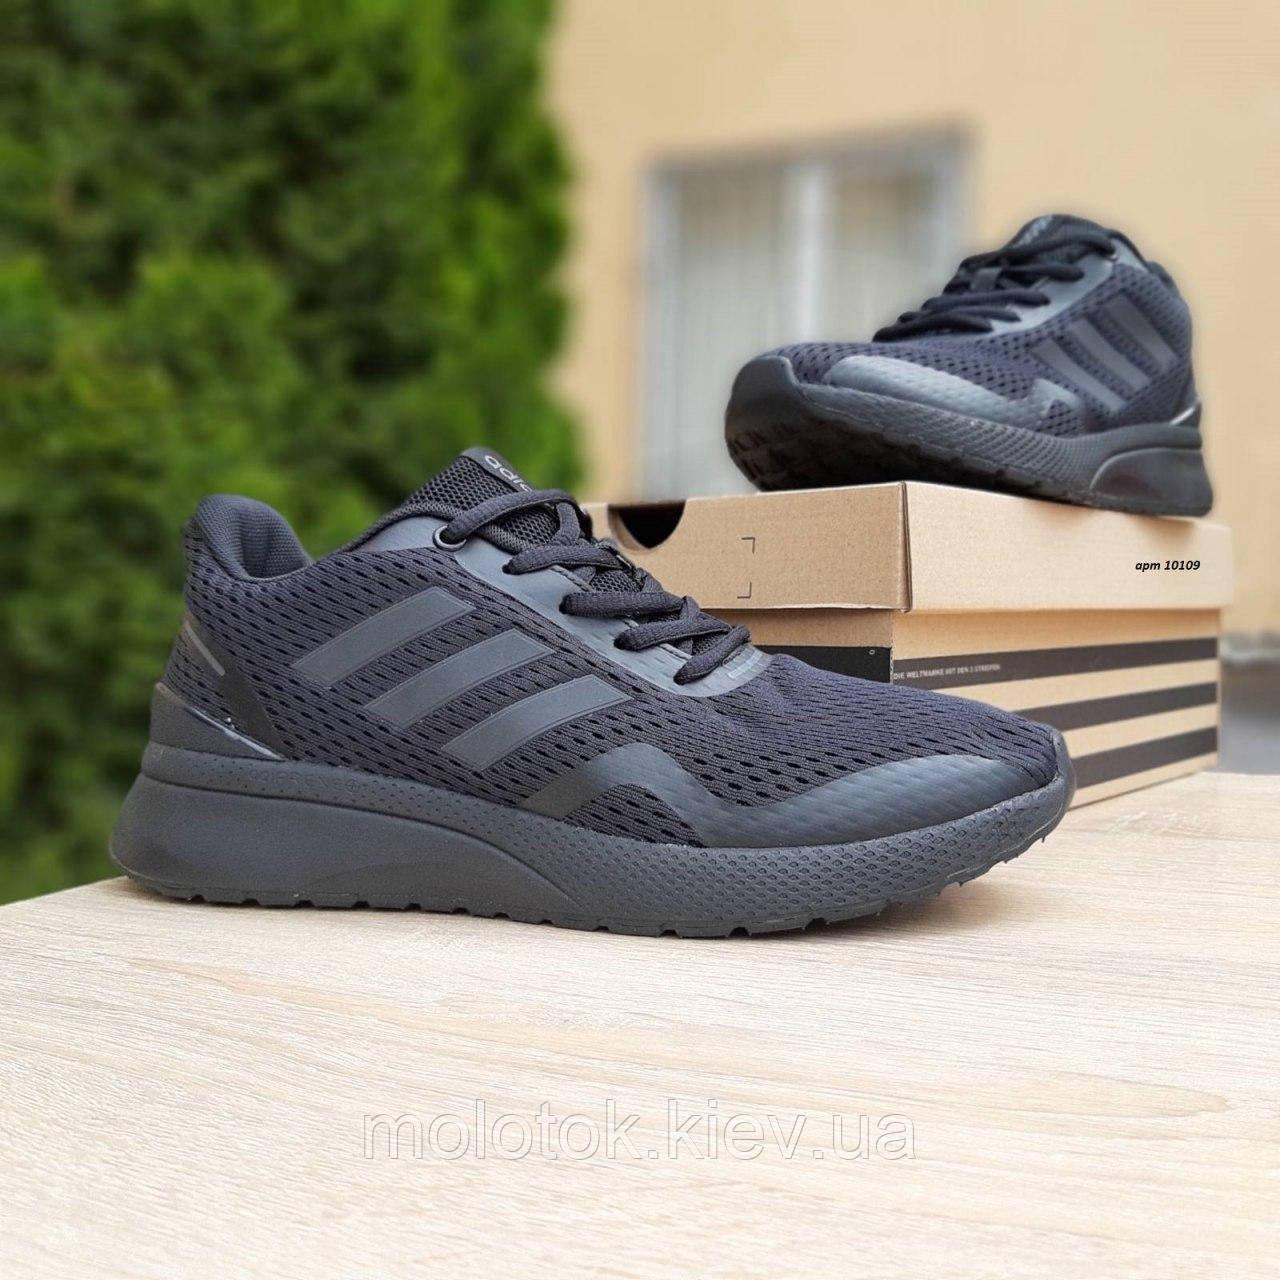 Мужские кроссовки в стиле Adidas Nova Run X  чёрные